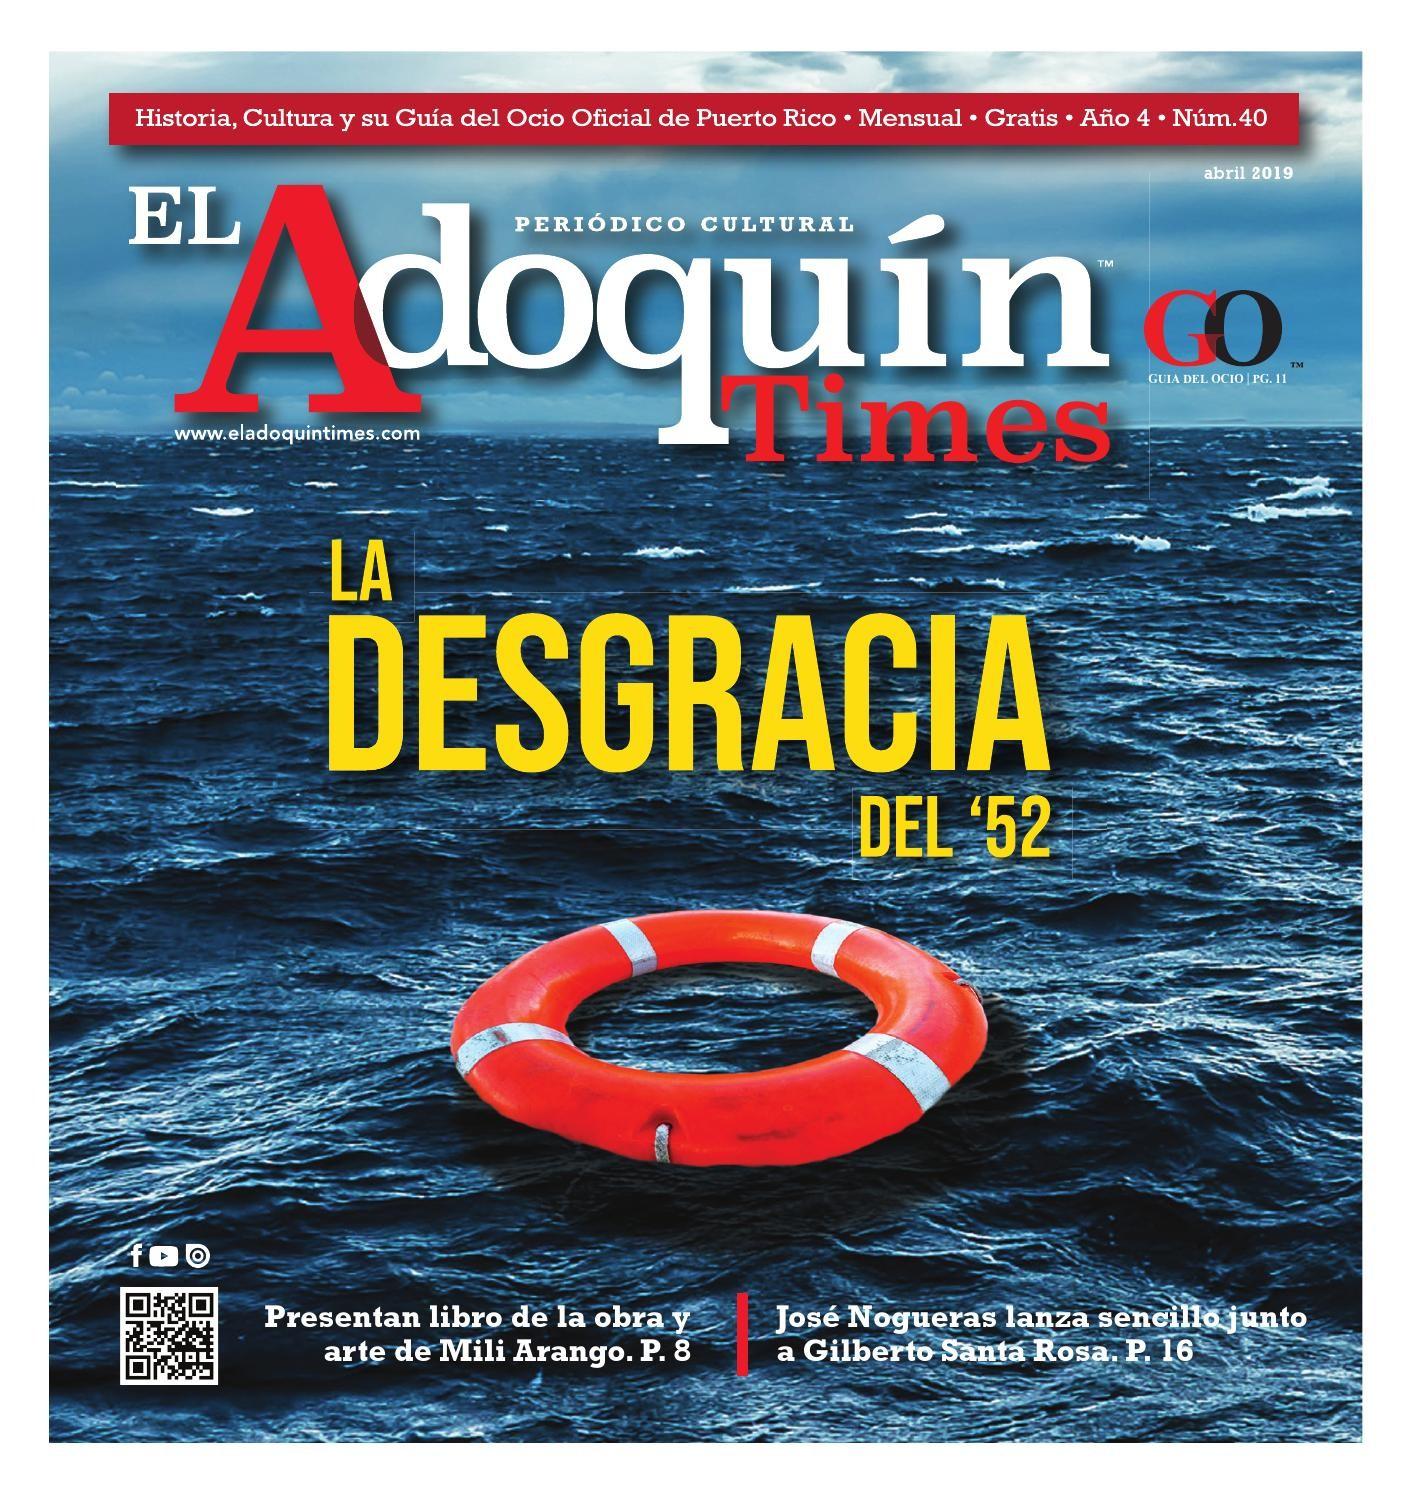 El Adoqun Times A±o 4 Nºmero 40 by El Adoqun Times issuu